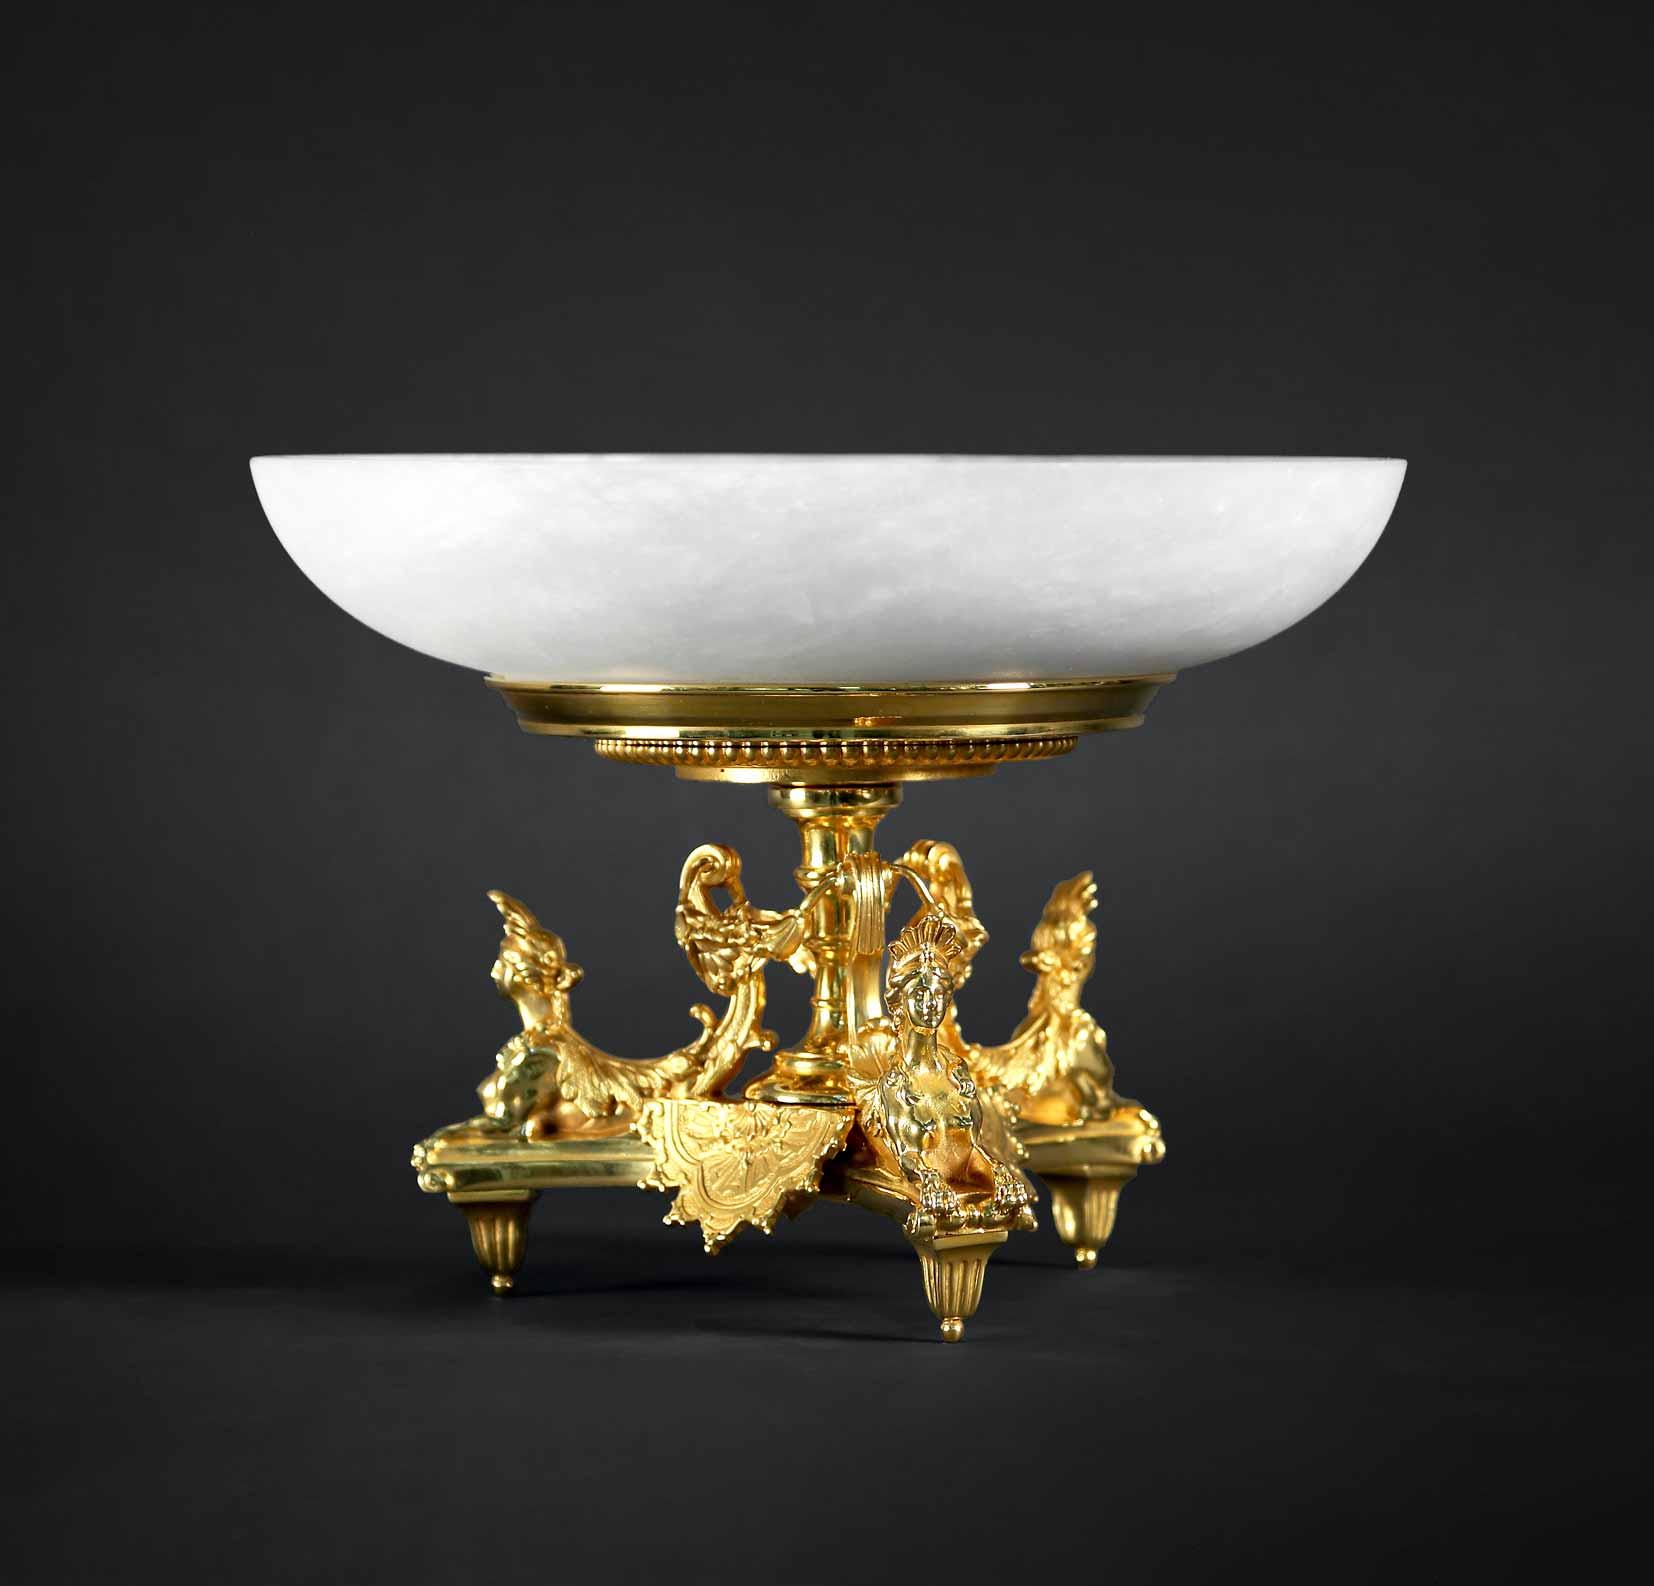 Miroirs & objets d'art - 13478